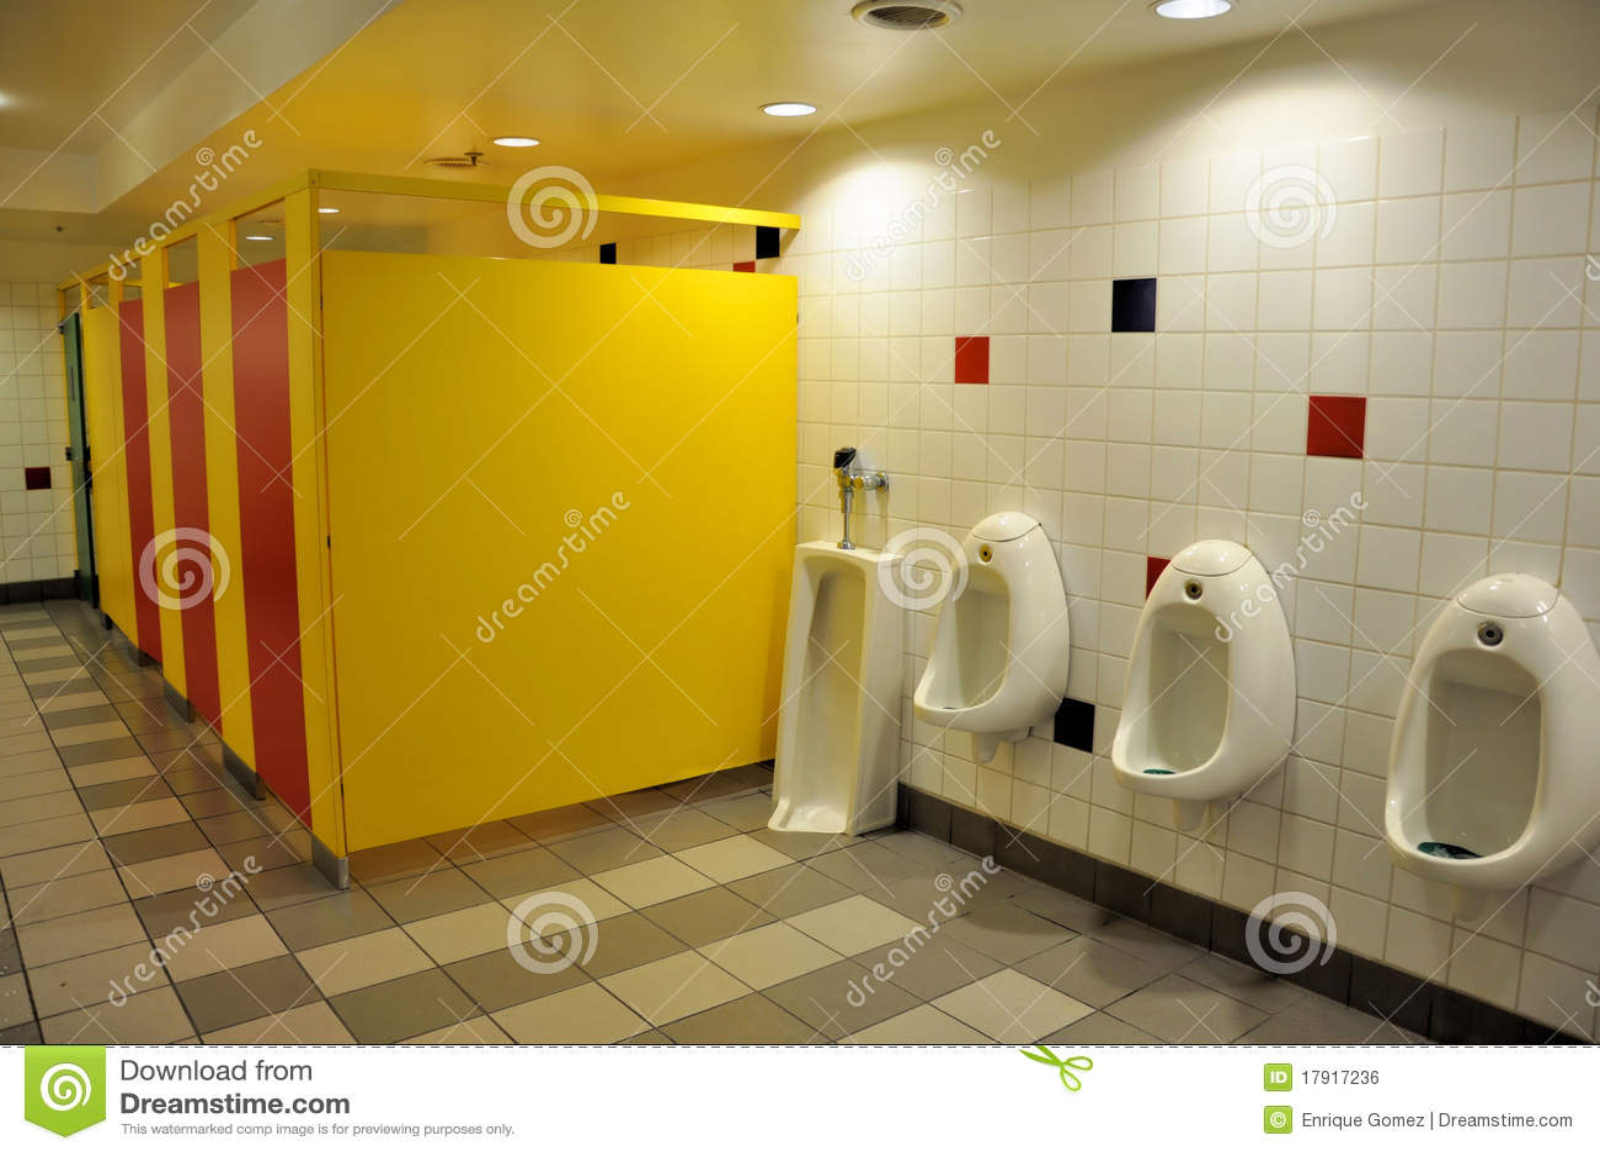 Diseno De Un Baño Publico:Cuarto De Baño Público Imagen de archivo libre de regalías – Imagen